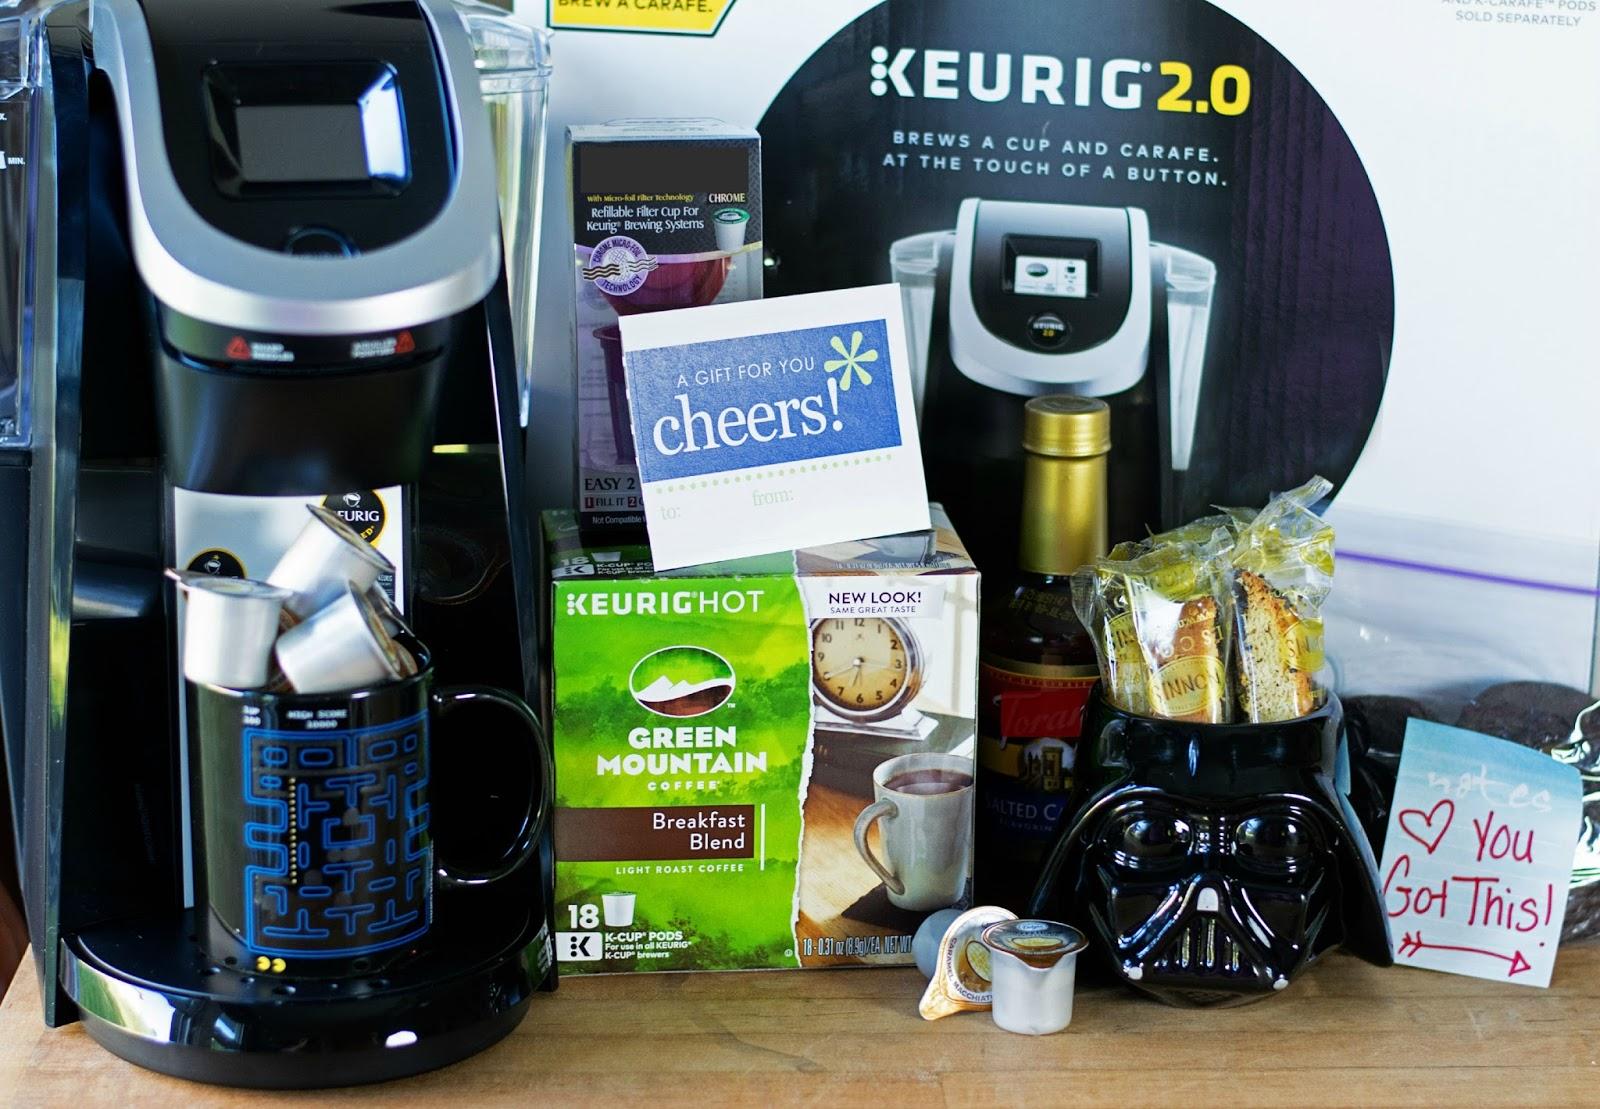 Keurig Coffee Makers In Box